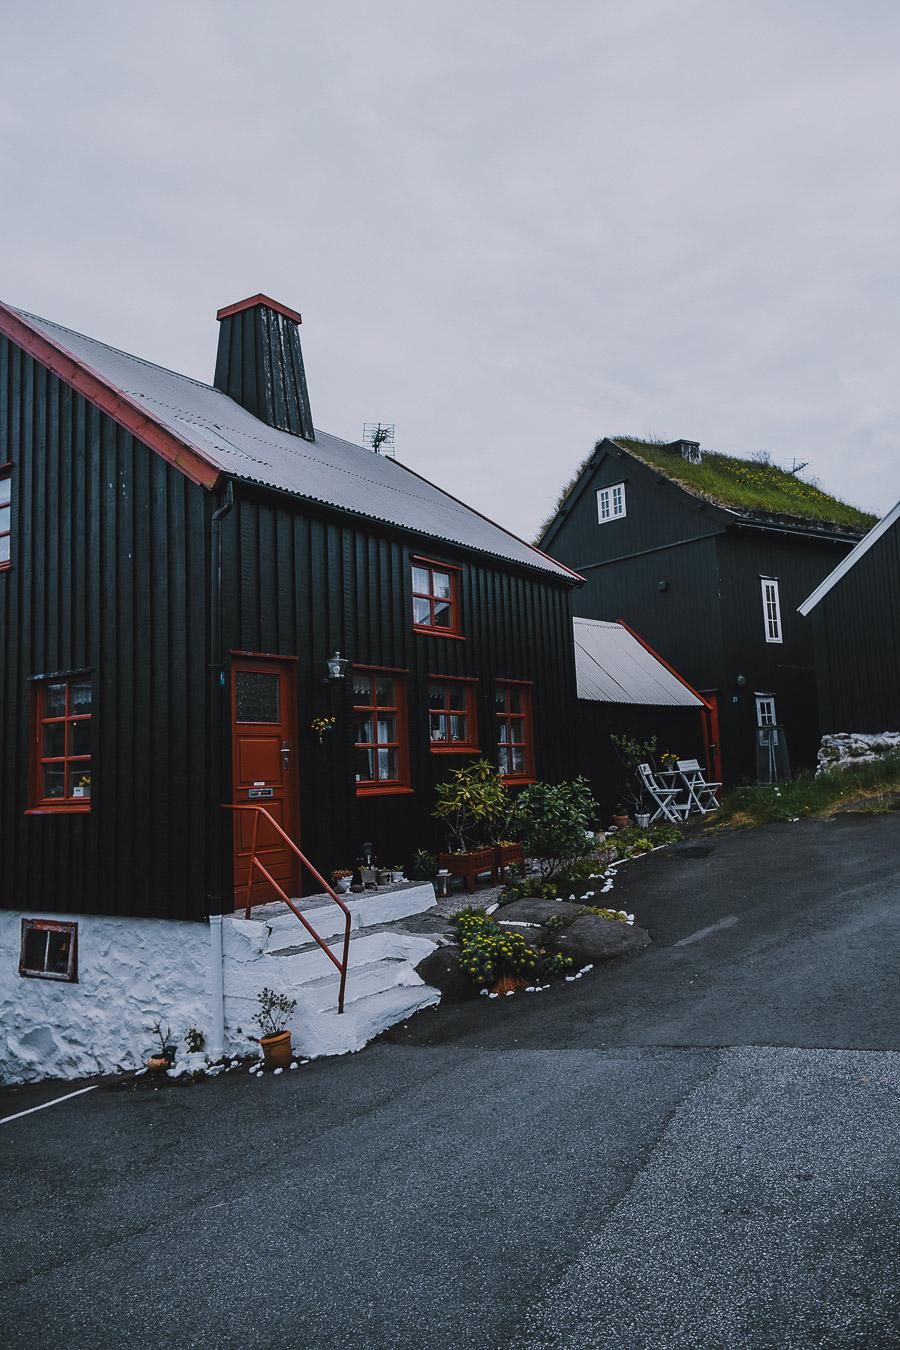 Houses of Torshavn in Faroe Islands